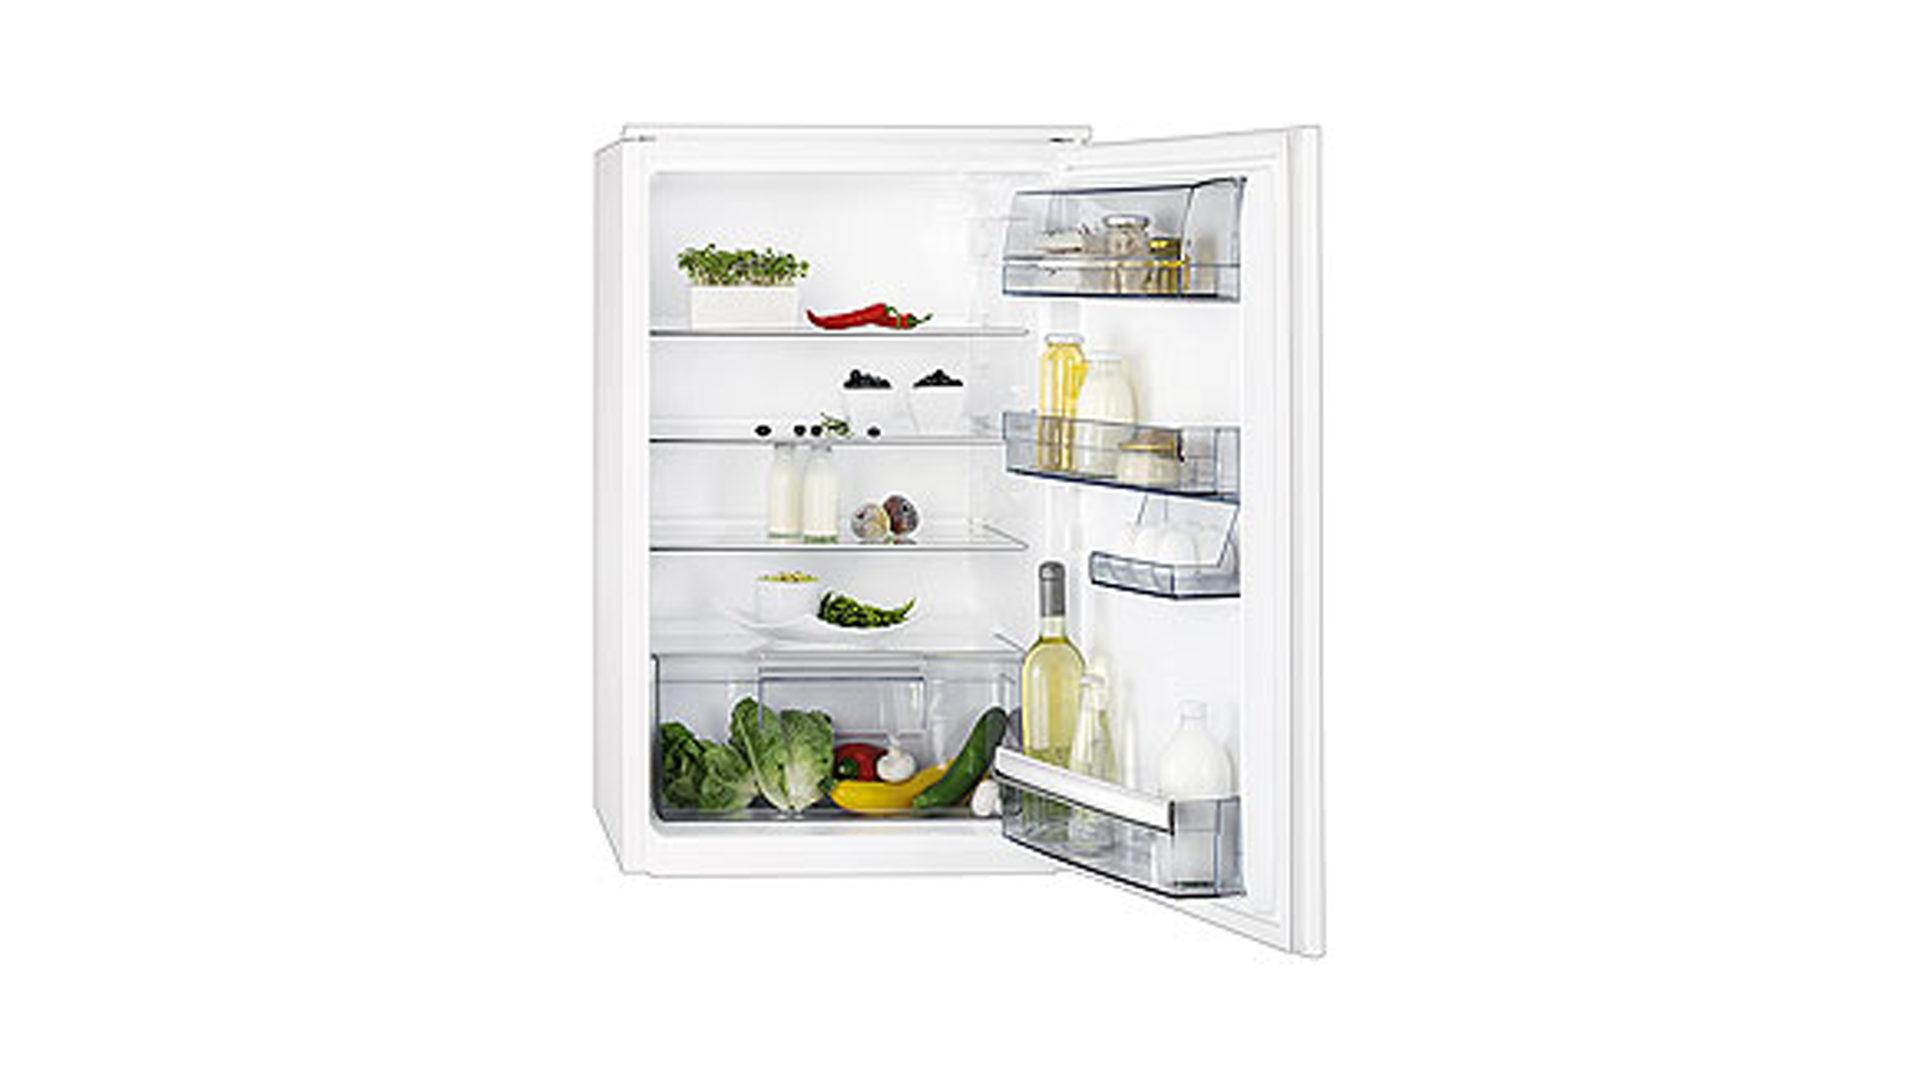 Aeg Kühlschrank Produktnummer : Wohnland breitwieser aeg geräte aeg aeg kühlschrank sd s